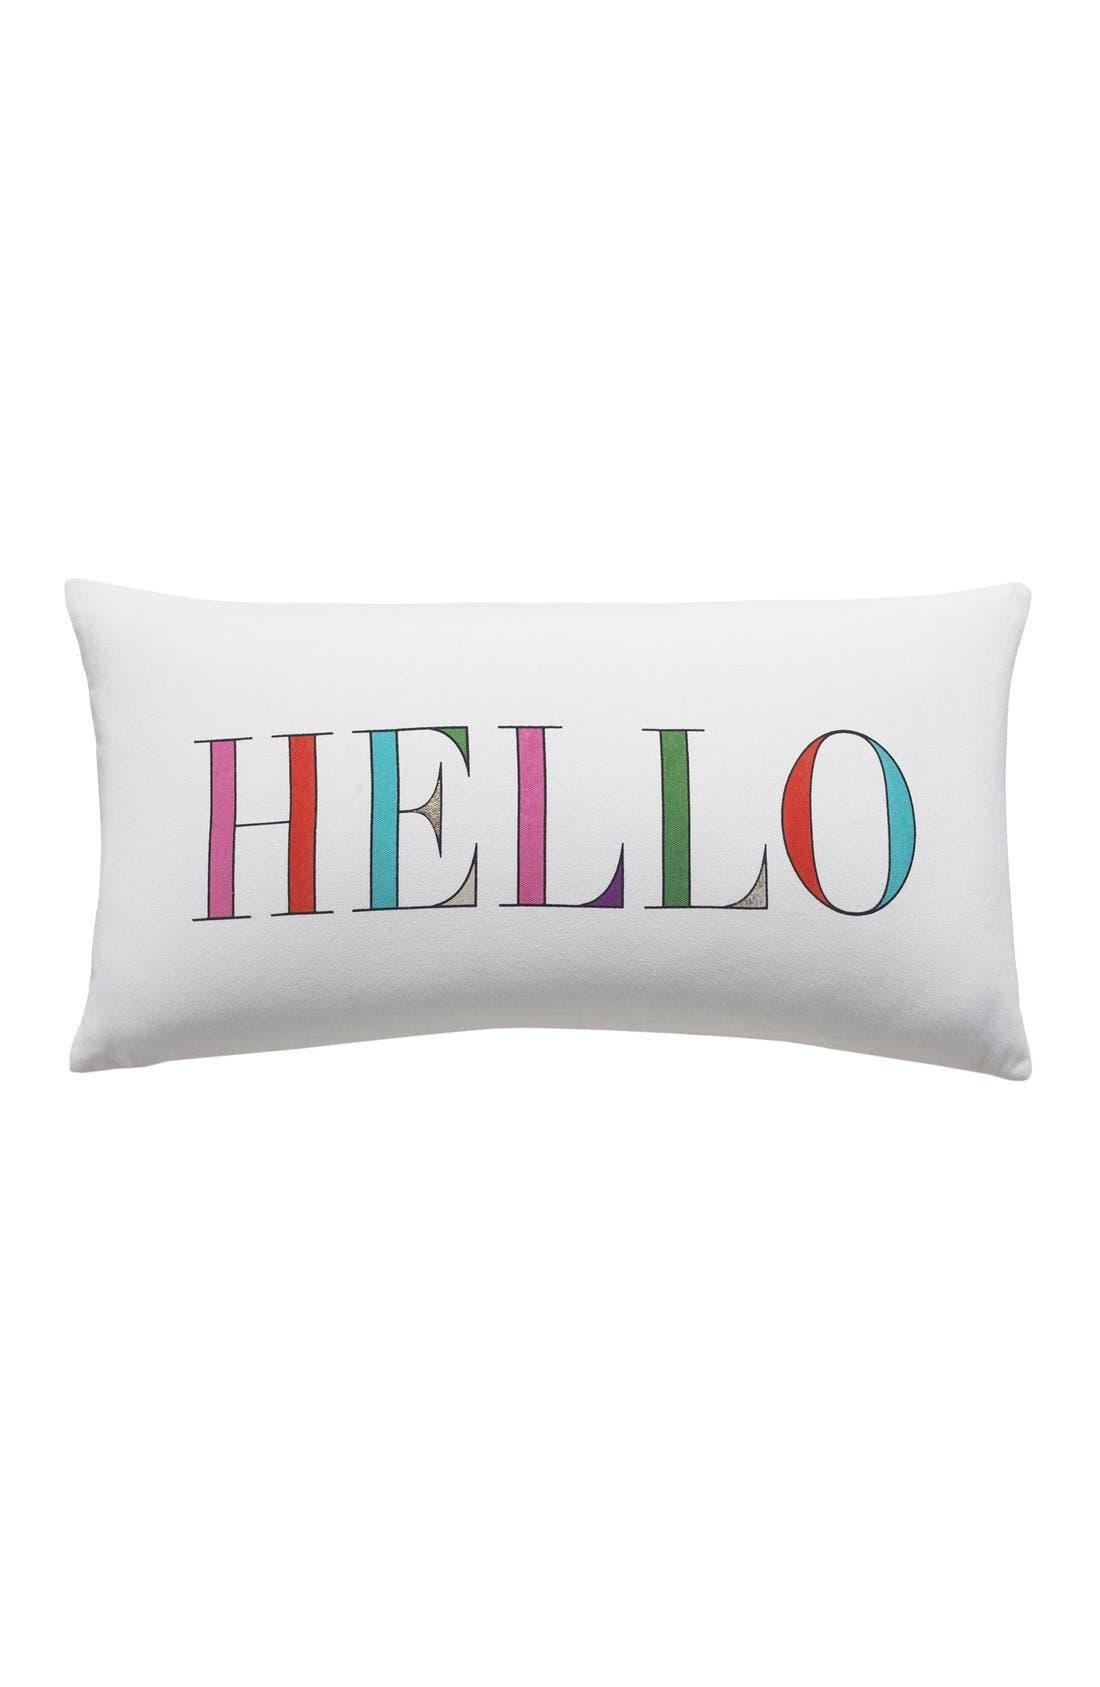 'hello' accent pillow,                         Main,                         color, White/ Multi